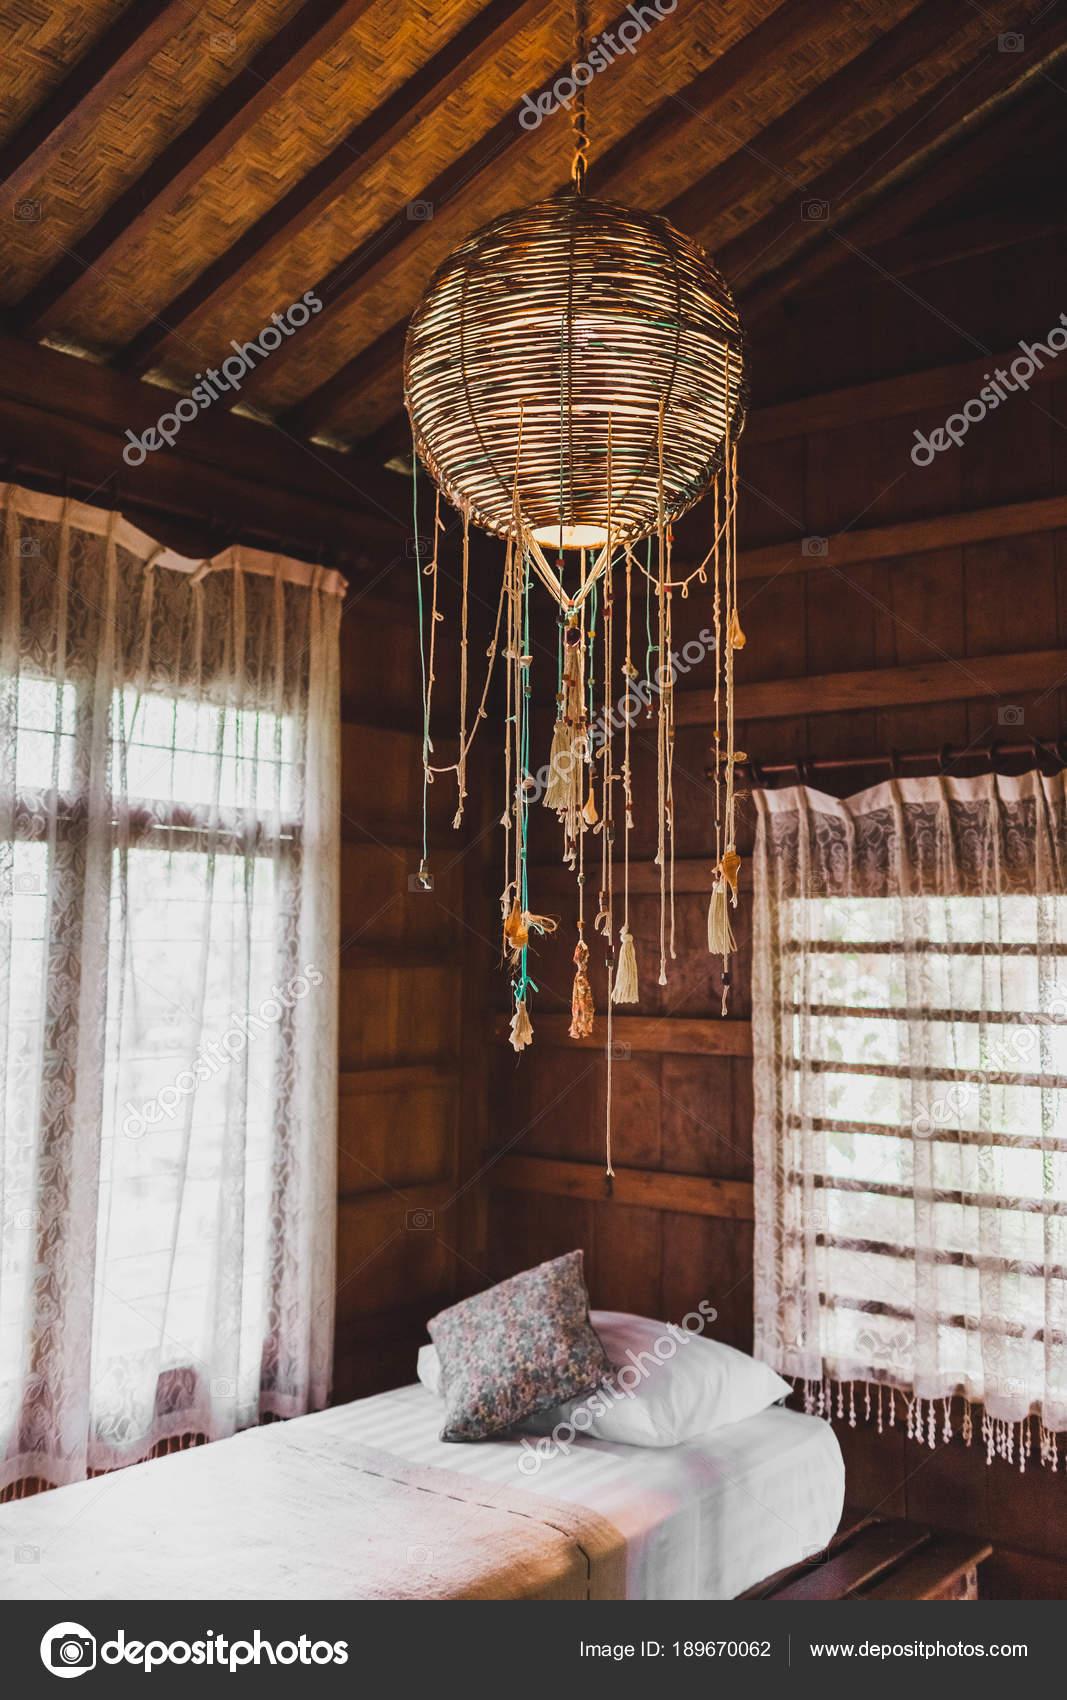 Lampe Osier Decoratifs Faits Main Dans Style Ethnique Maison Bois